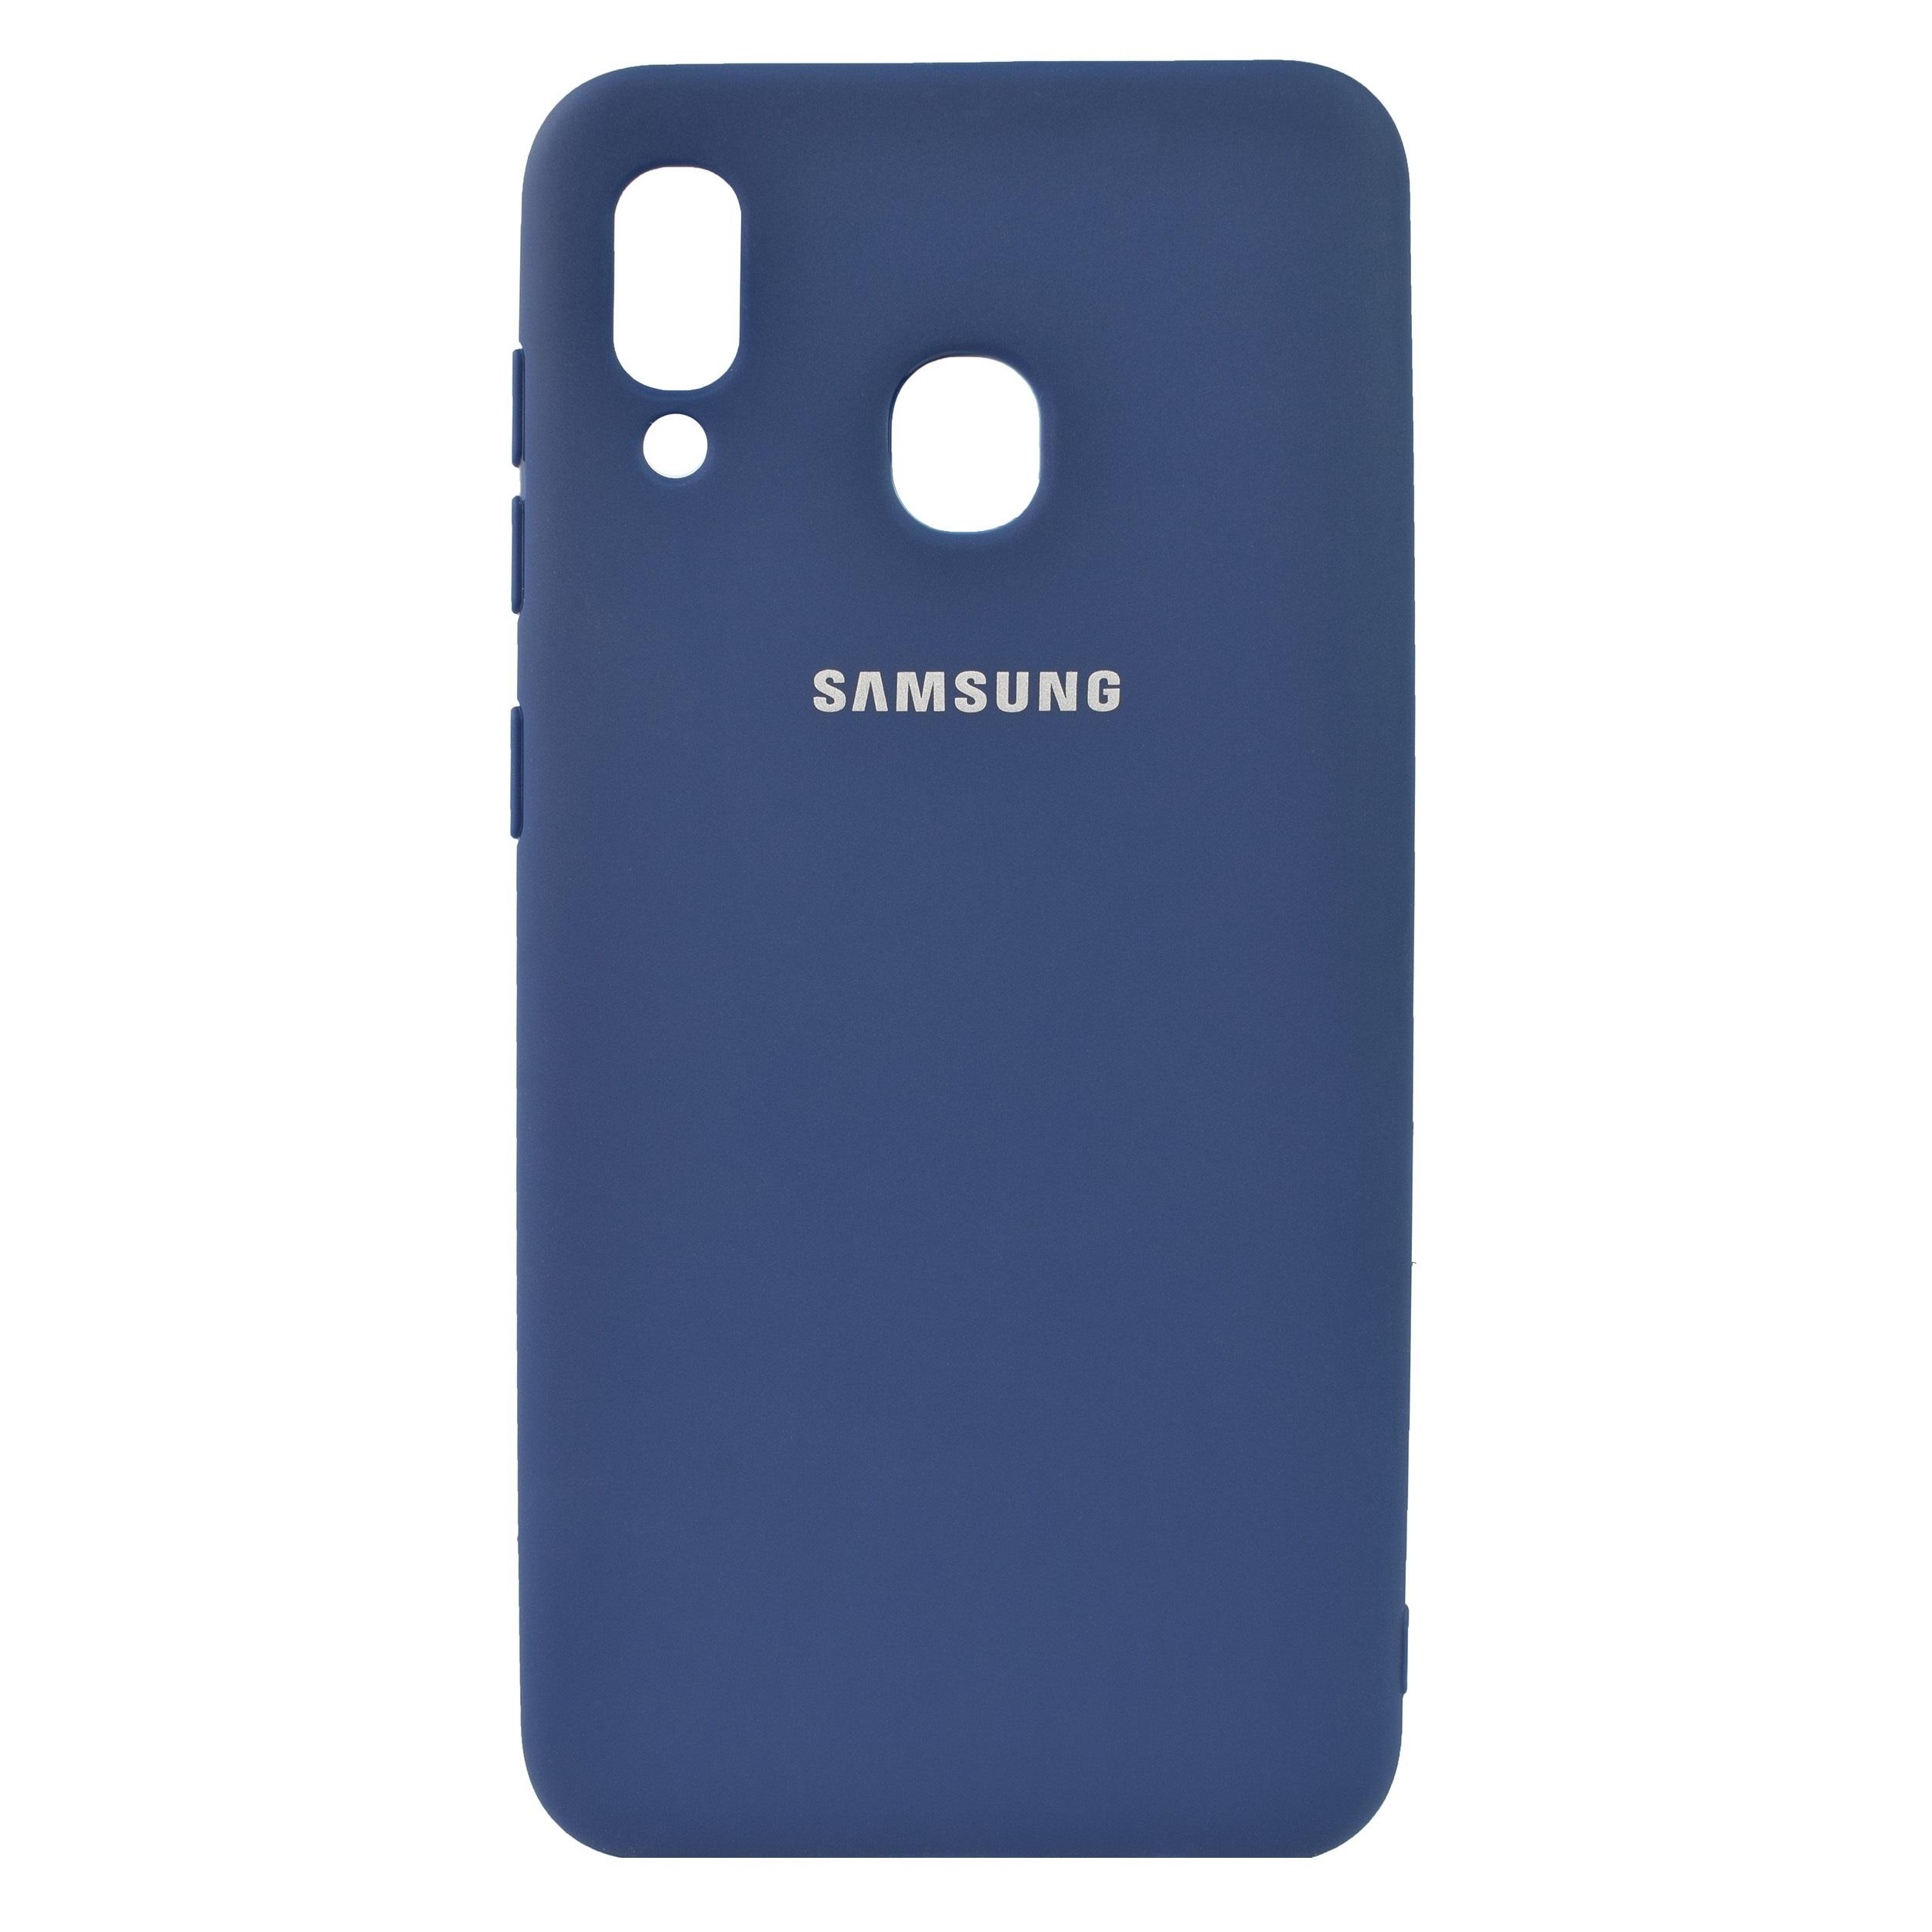 کاور مدل Sicomi مناسب برای گوشی موبایل سامسونگ Galaxy A20